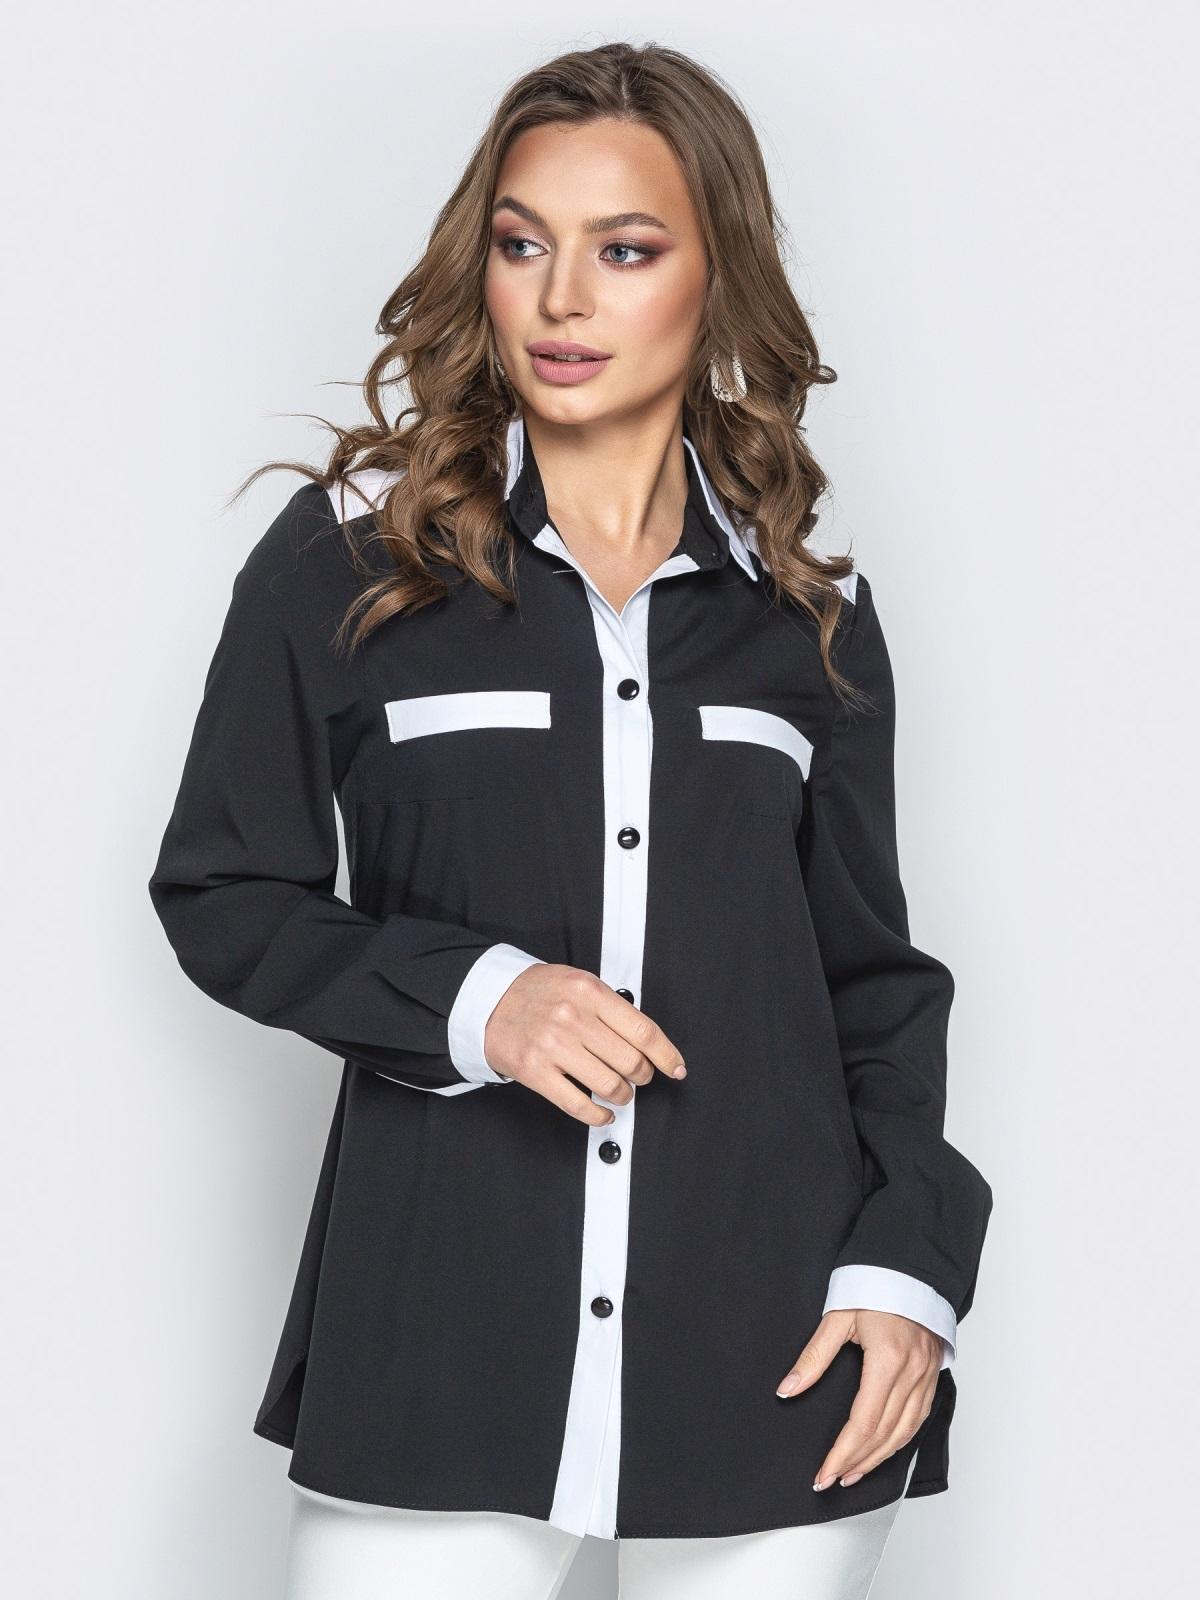 Чёрная блузка из софта с контрастной окантовкой - 21252, фото 1 – интернет-магазин Dressa